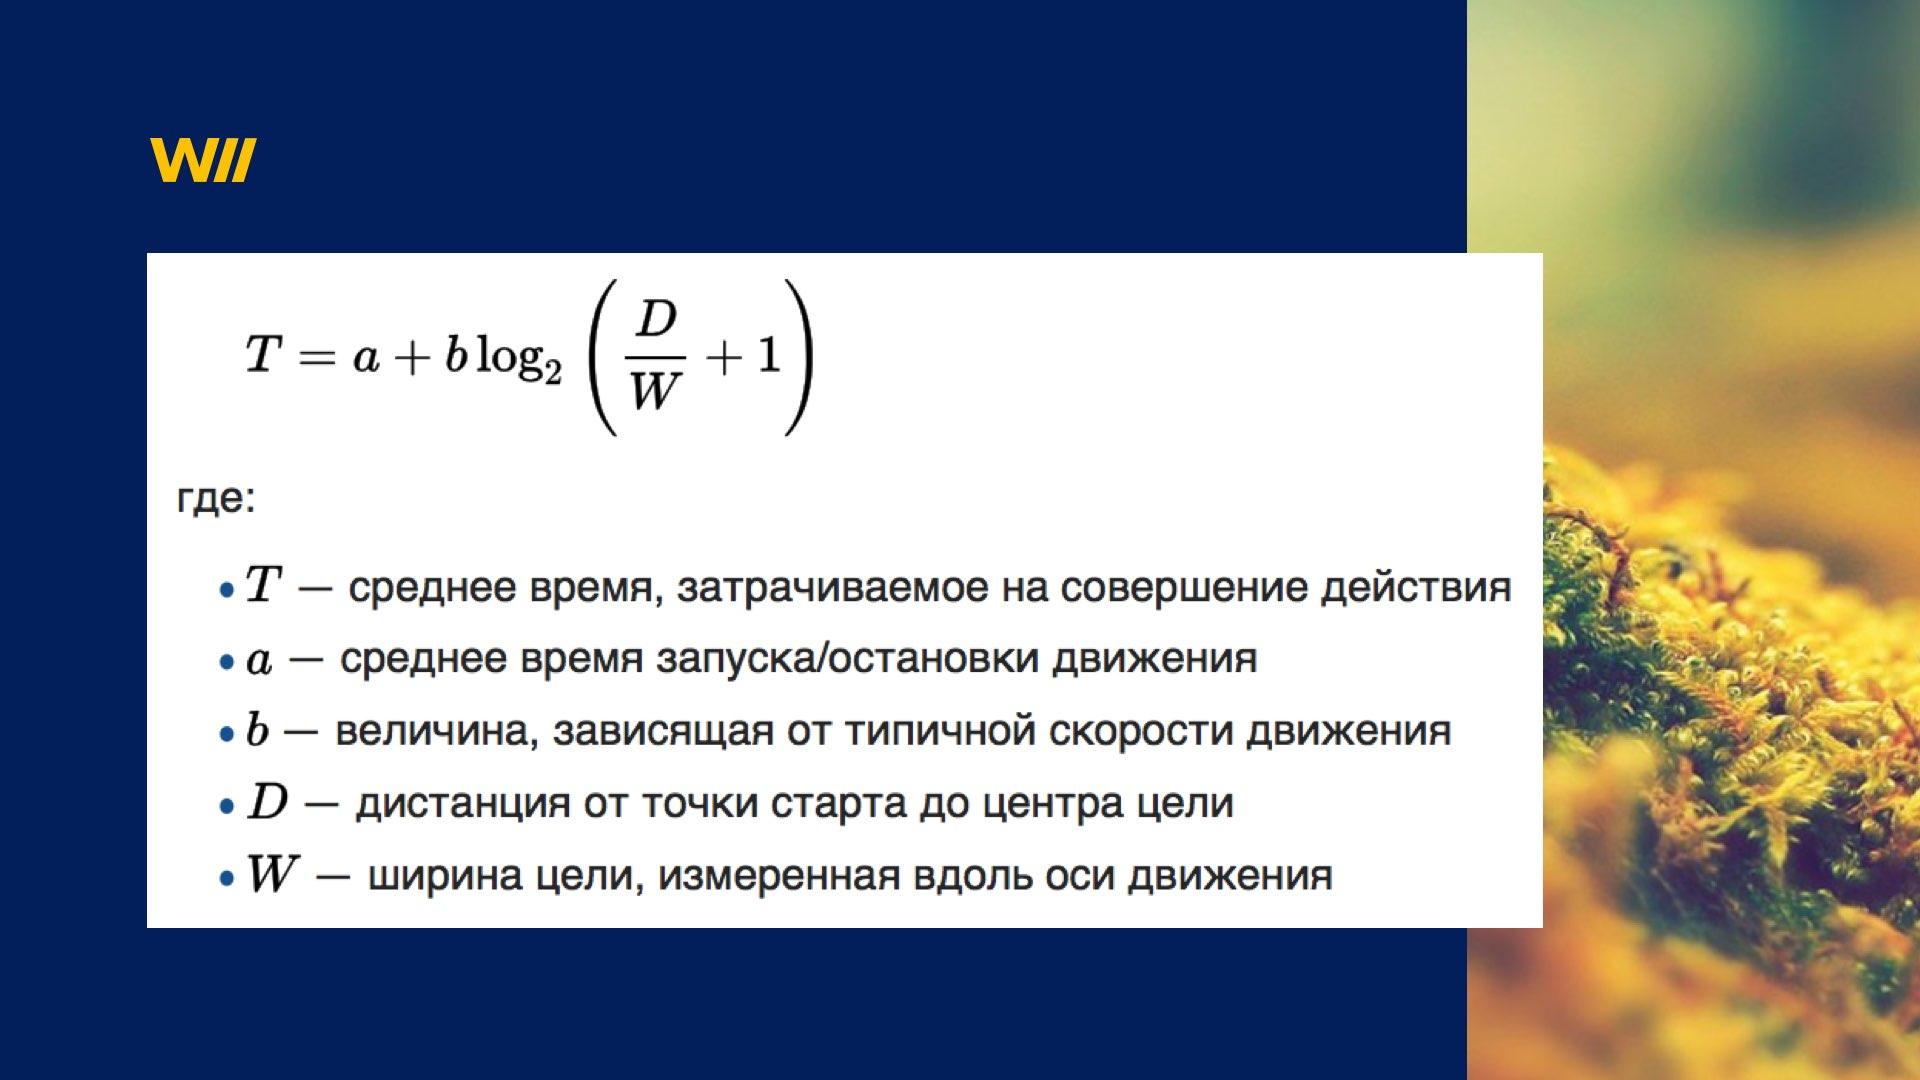 zakony-dizajna-003